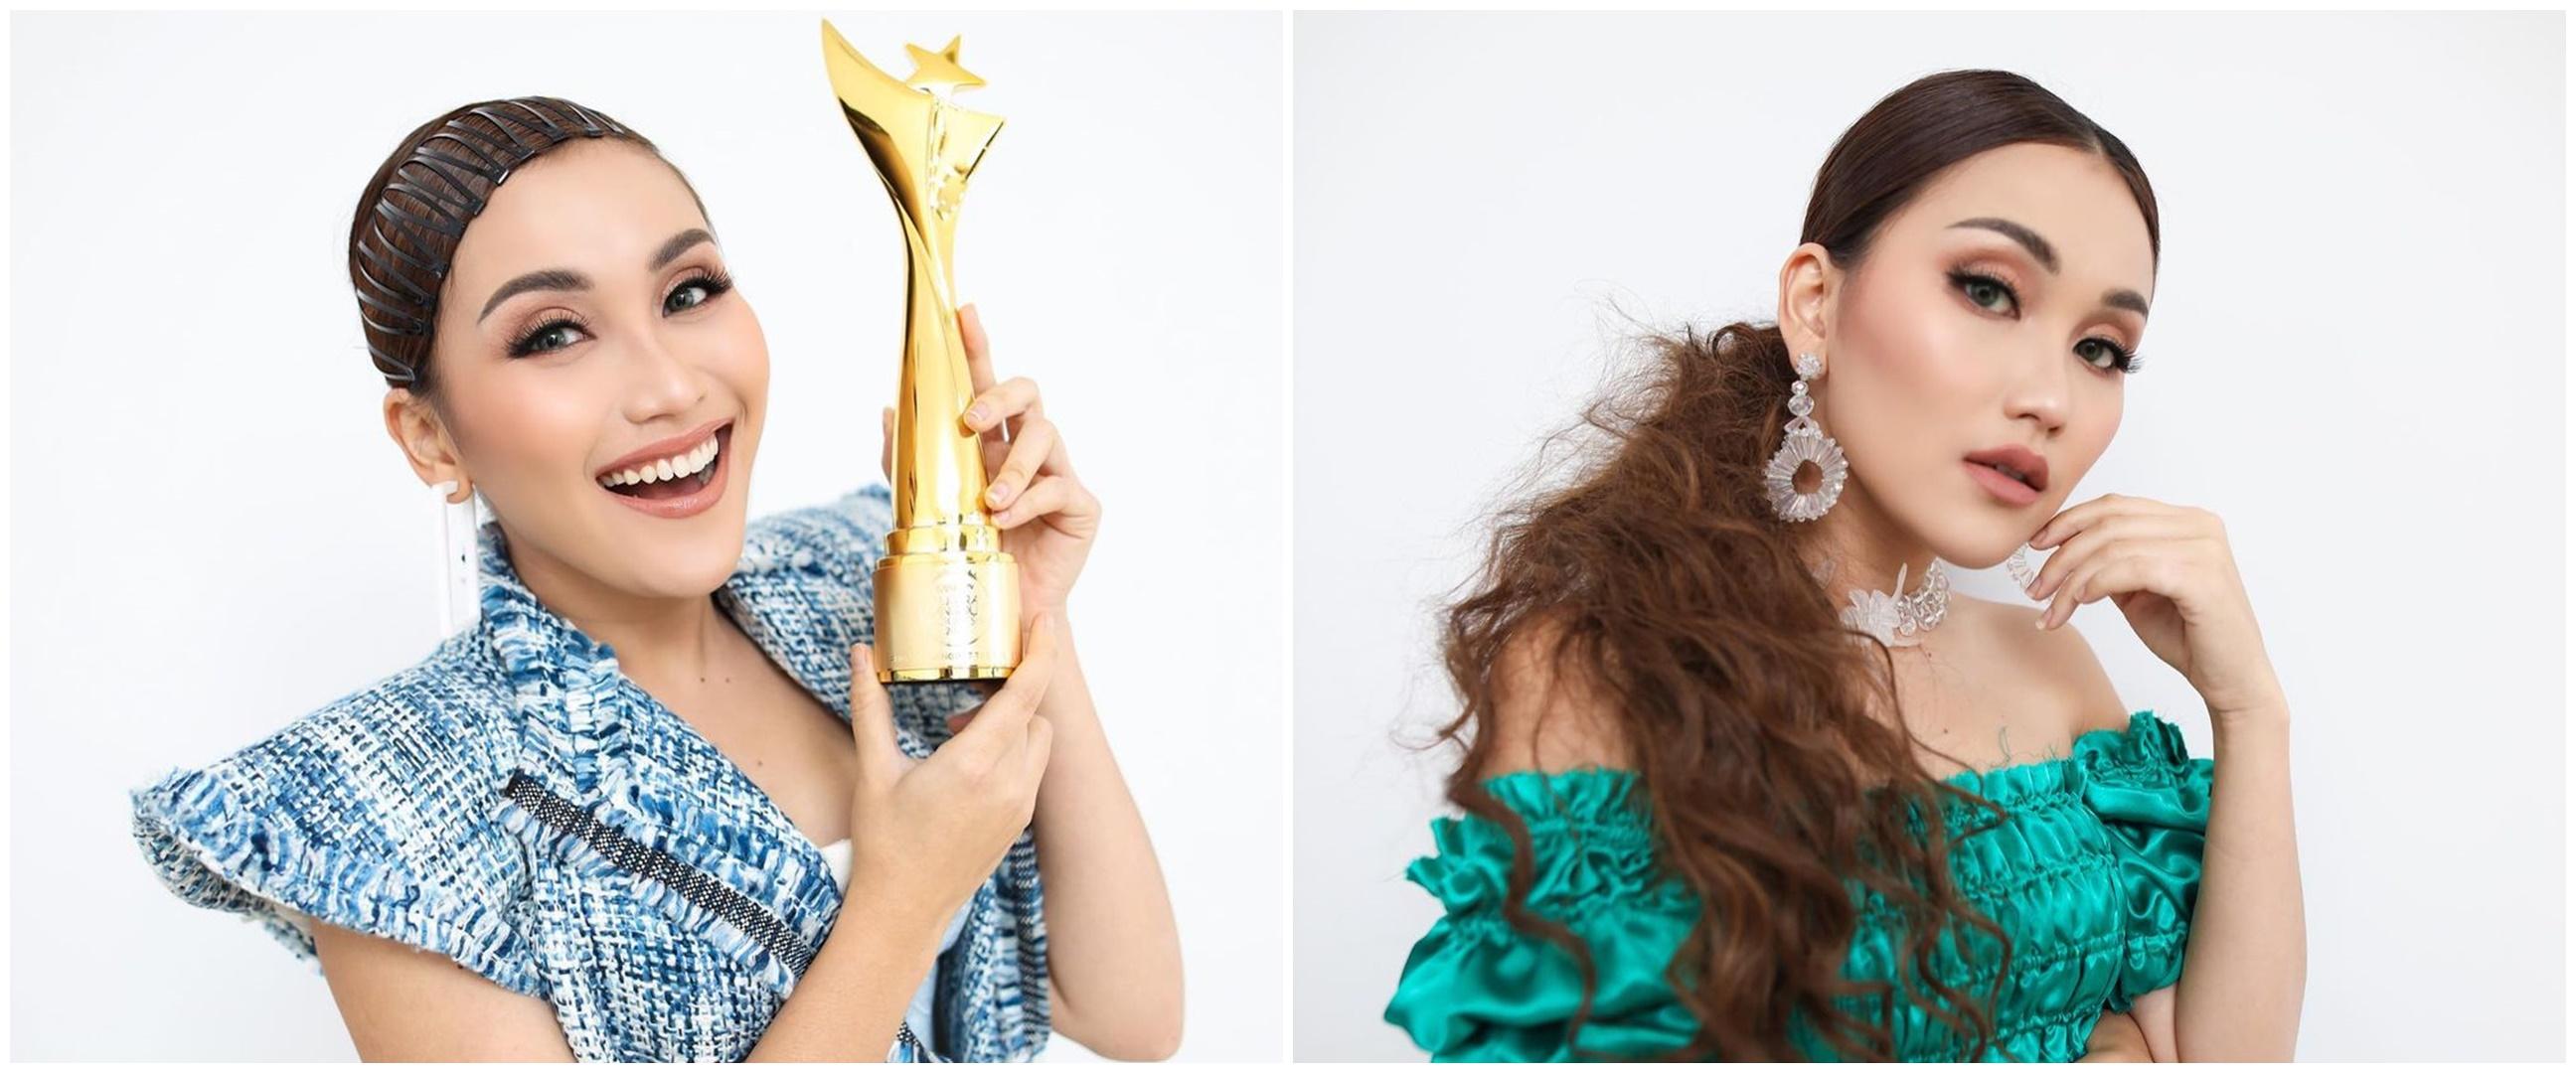 7 Pesona Ayu Ting Ting di Anugerah Dangdut Indonesia, raih 4 piala